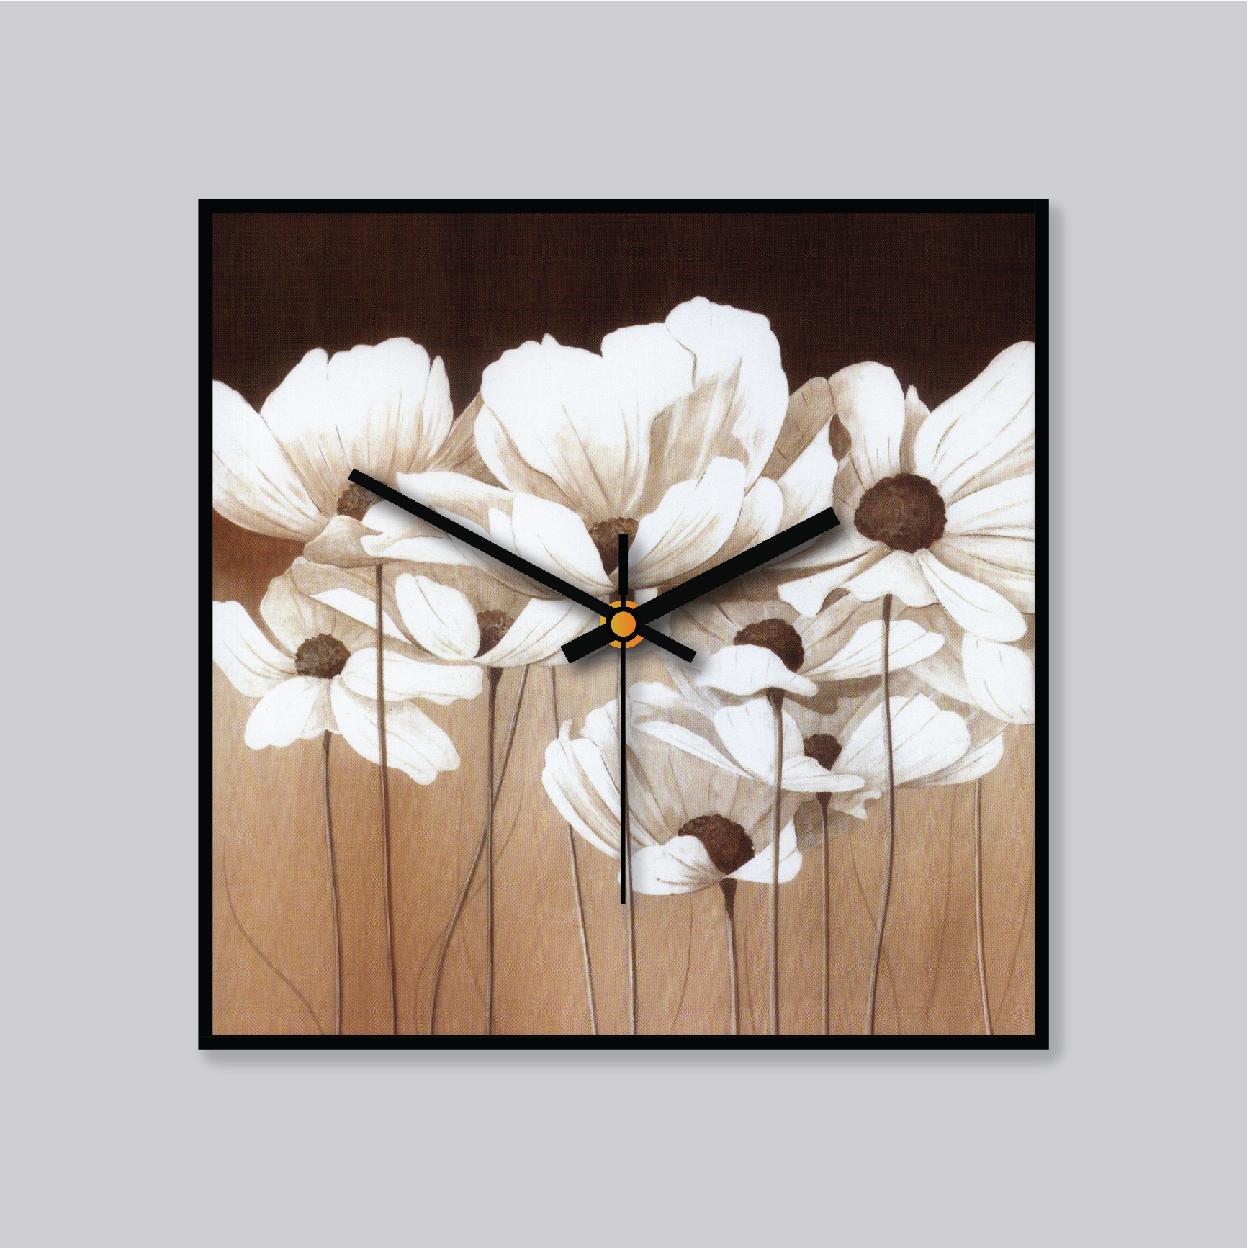 Đồng hồ treo tường DHV.02